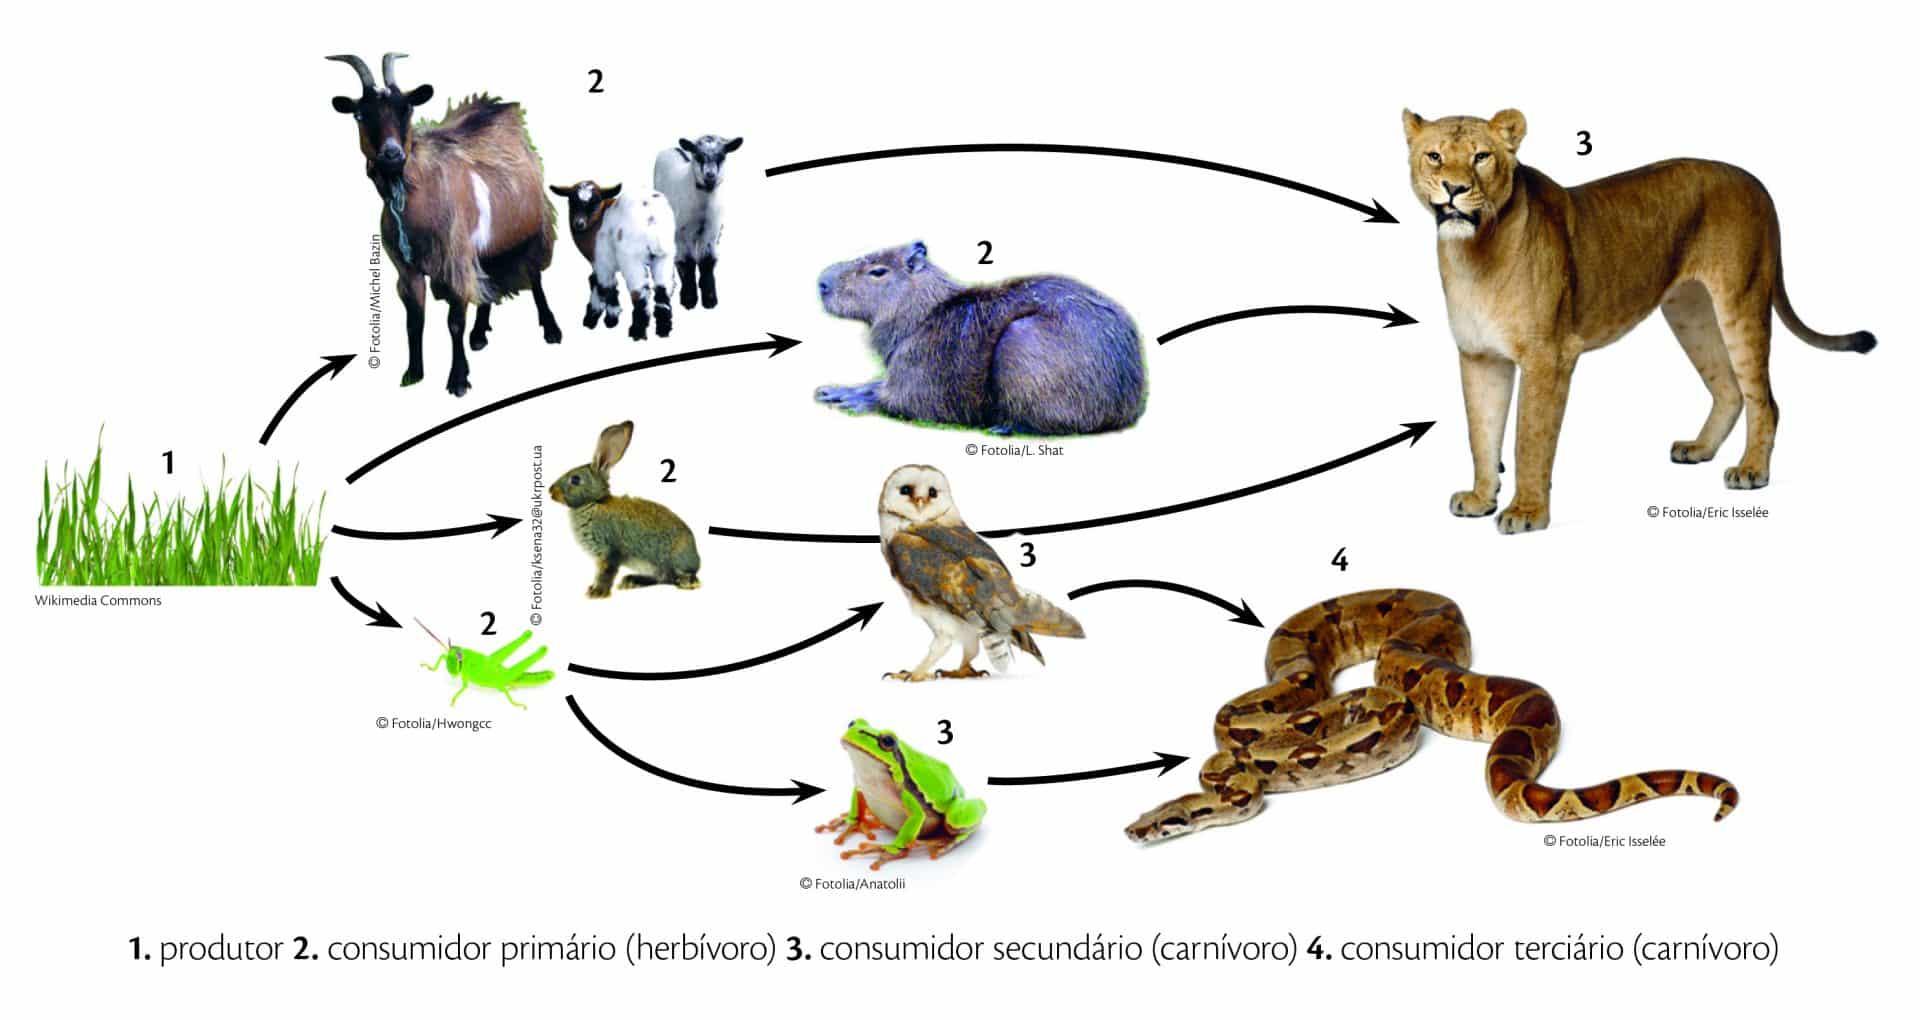 Tudo sobre sucuri. Tamanhos, venenos, reprodução, espécie. Confira